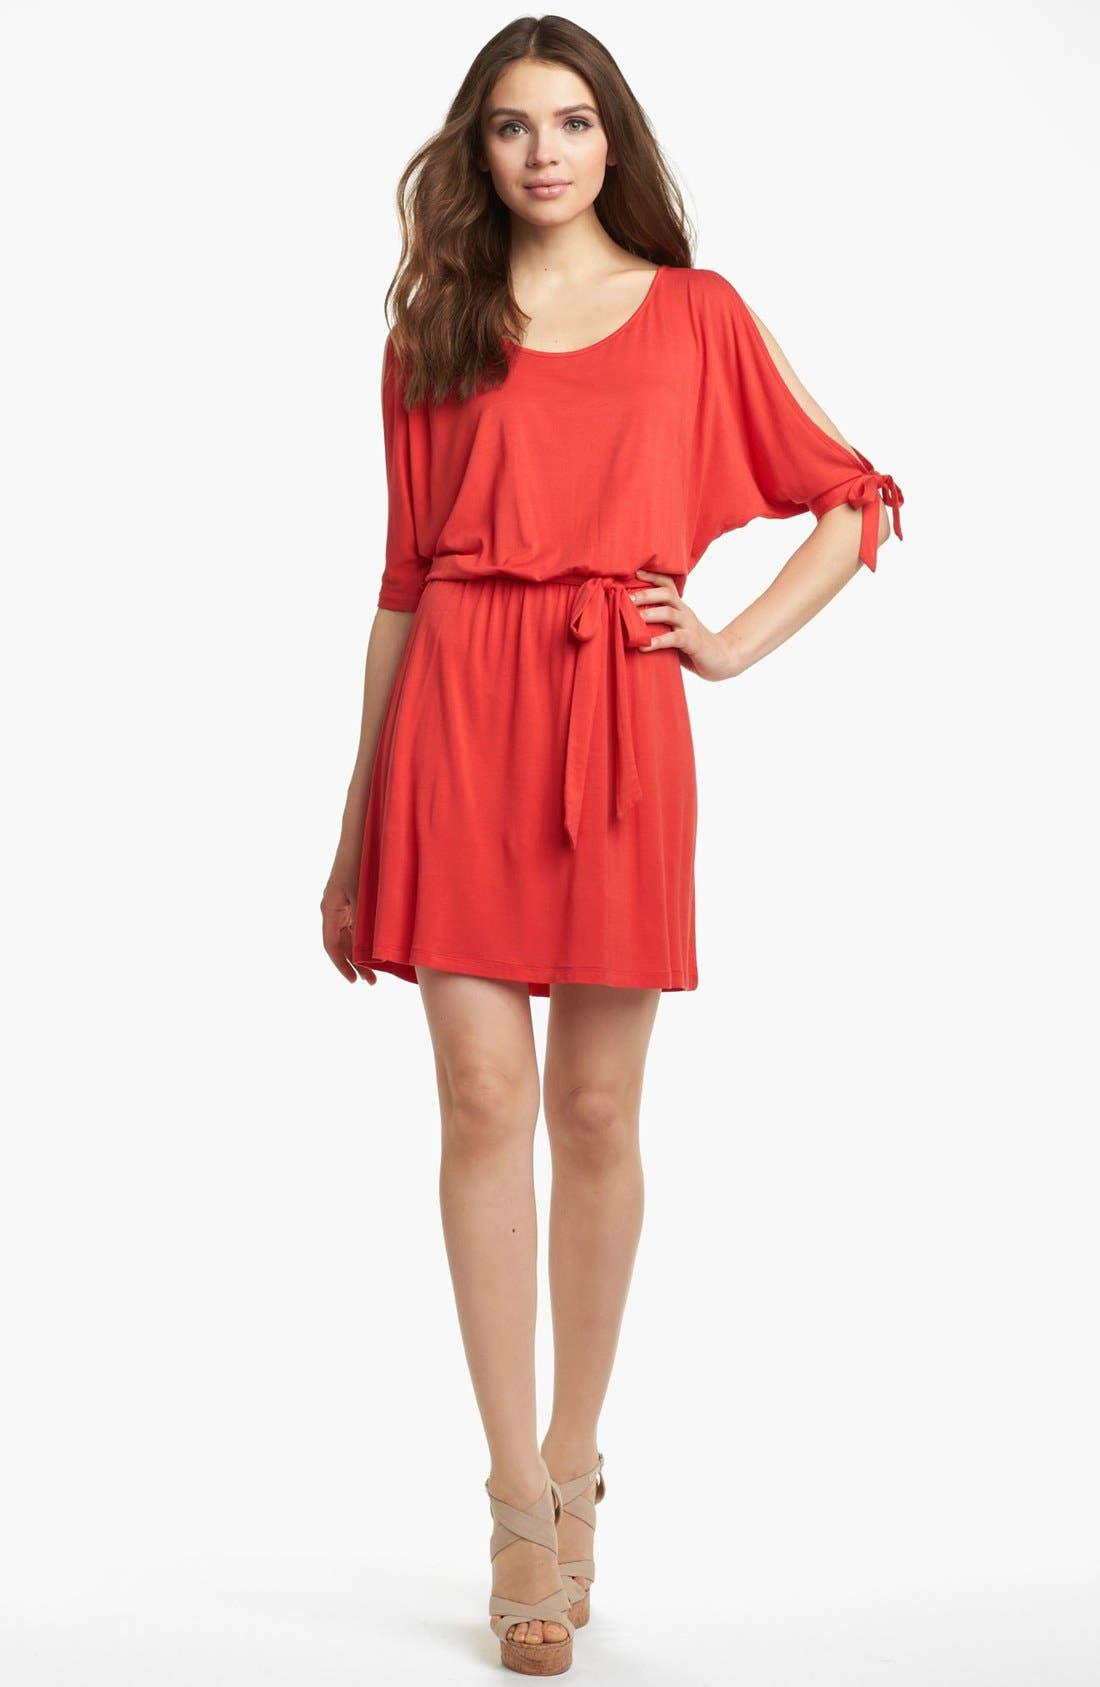 Alternate Image 1 Selected - Kensie Cold Shoulder Dress